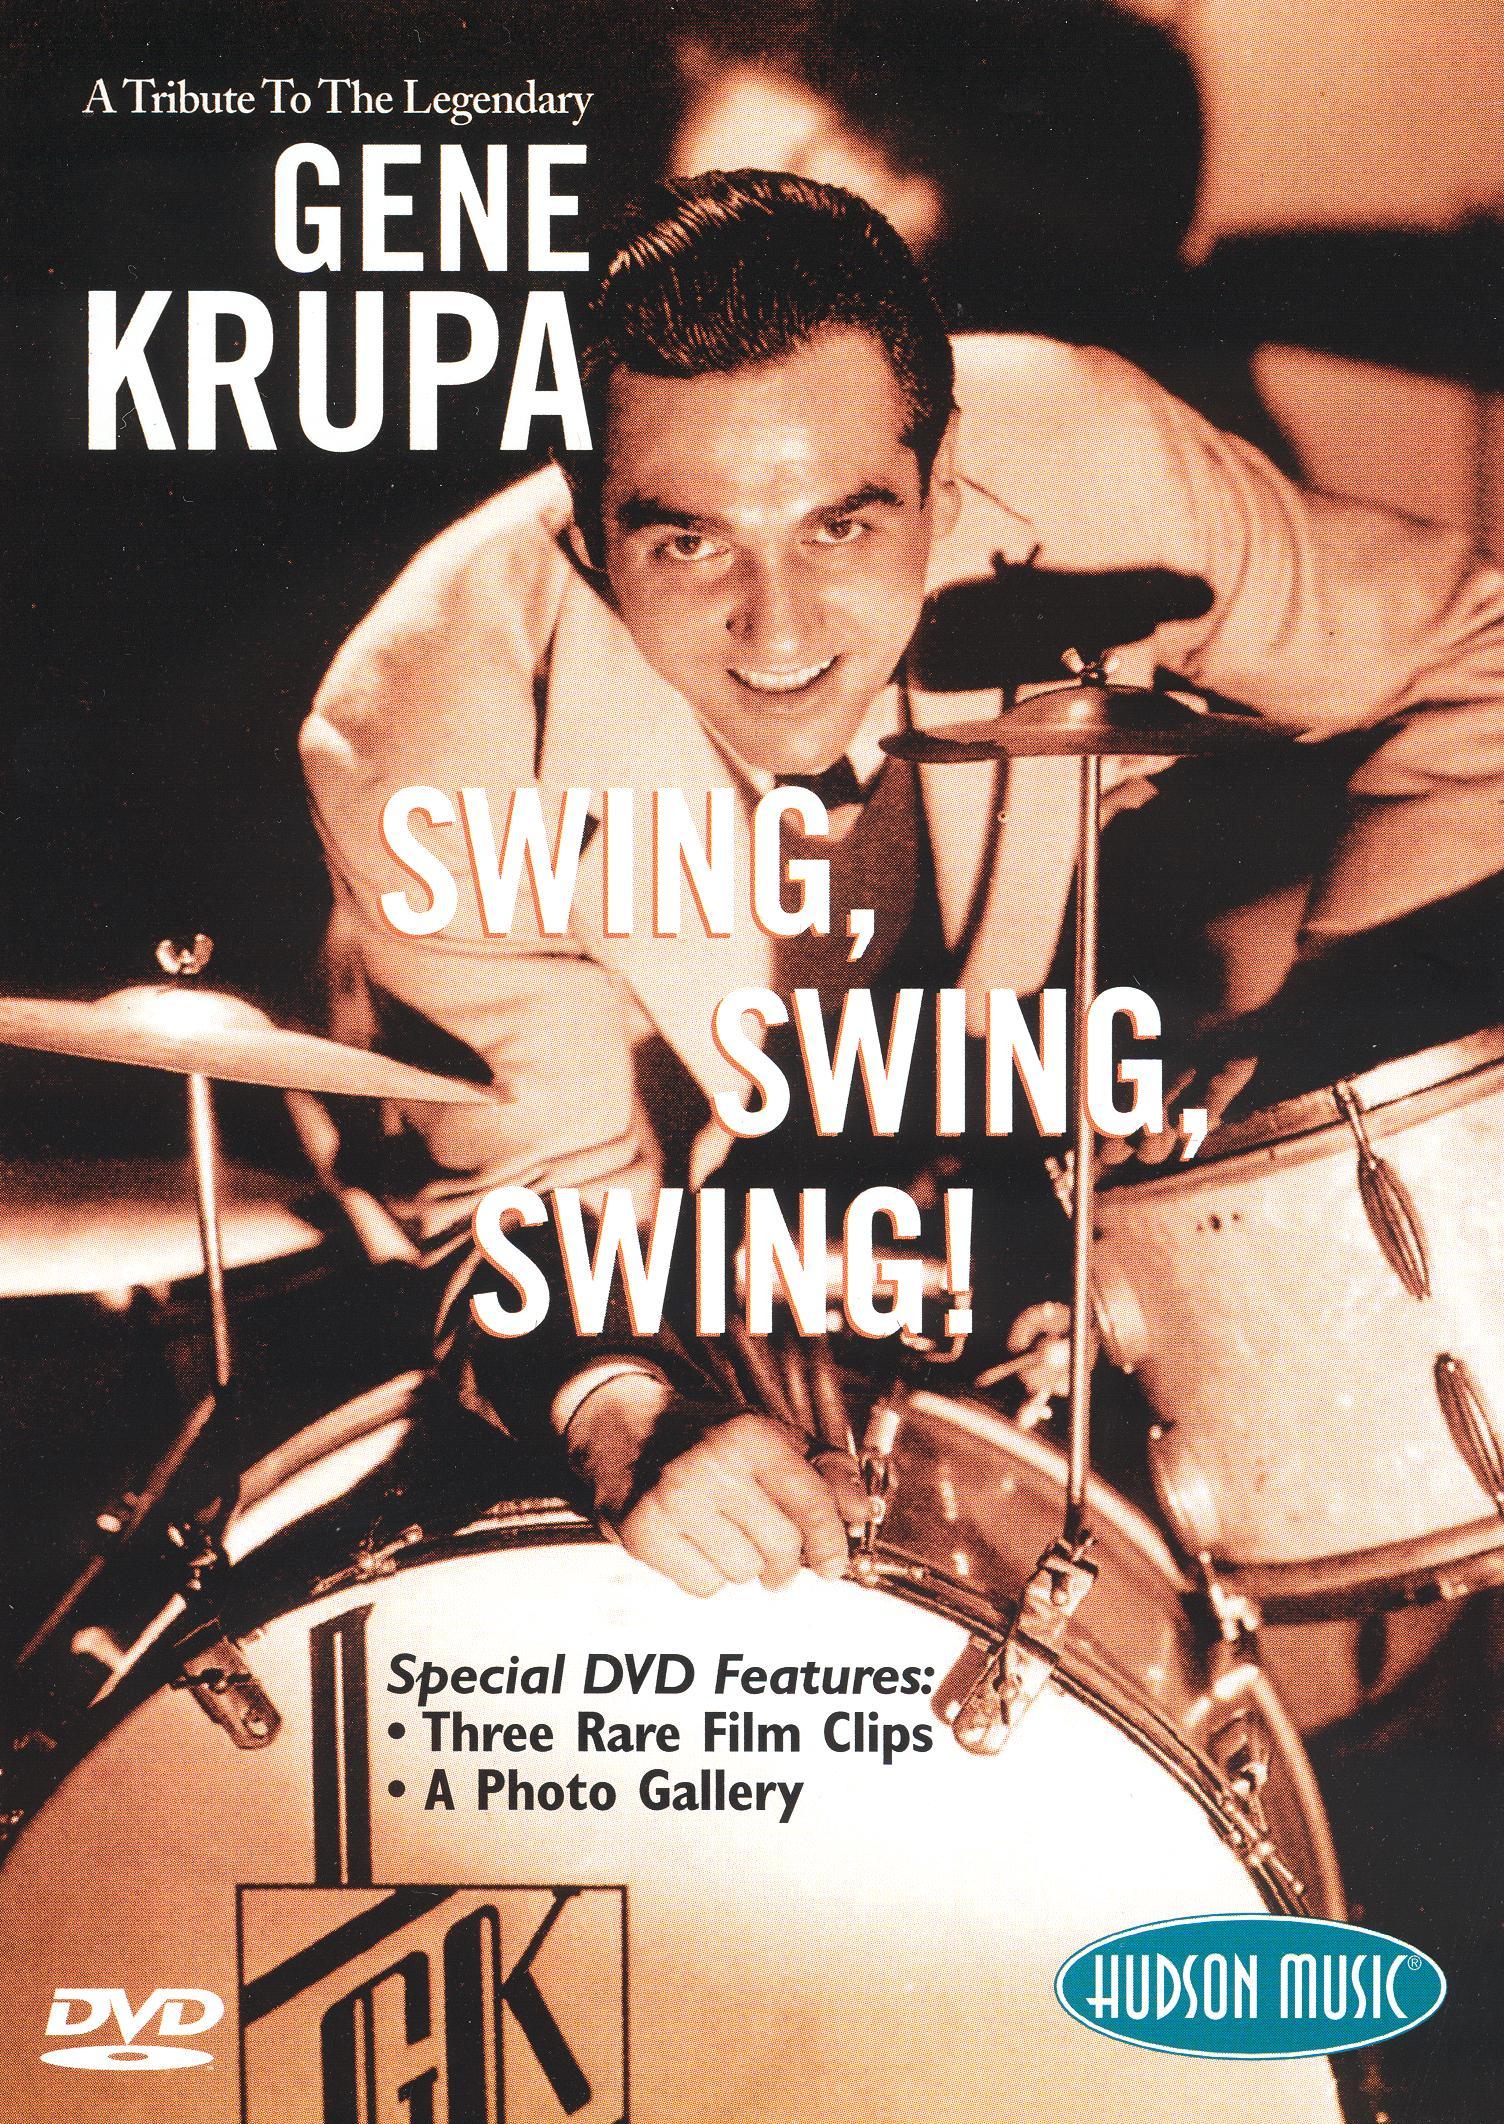 A Tribute to the Legendary Gene Krupa: Swing, Swing, Swing!